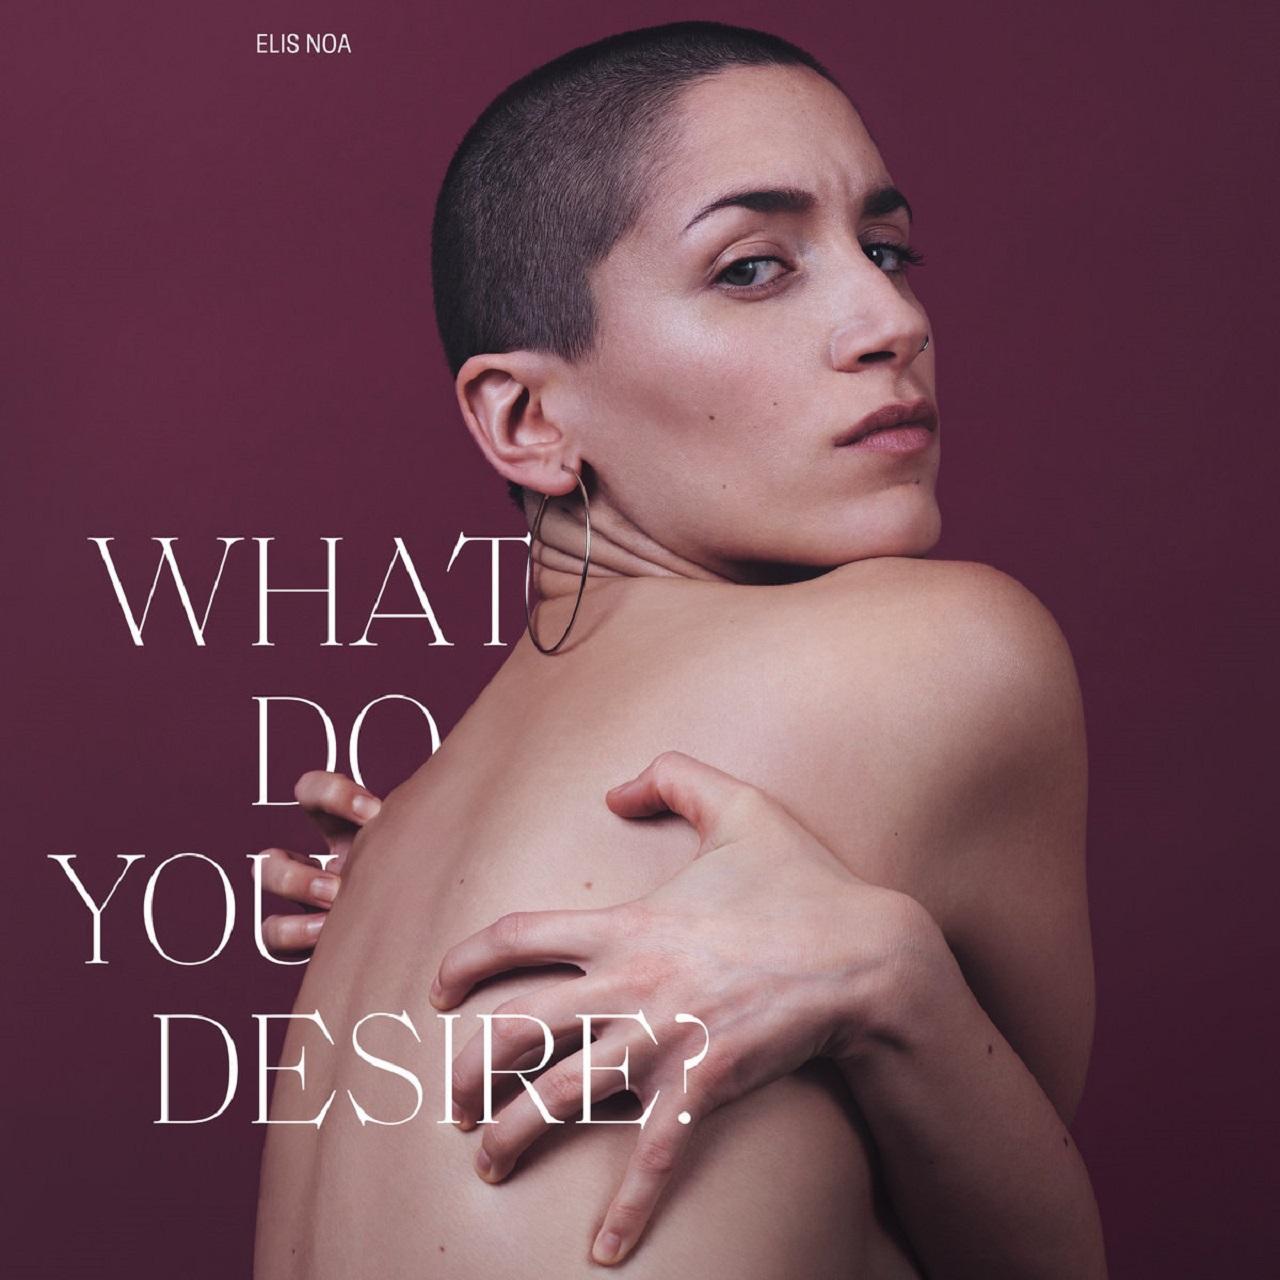 """Albumcover """"What Do You Desire?"""" von Elisa Noa"""